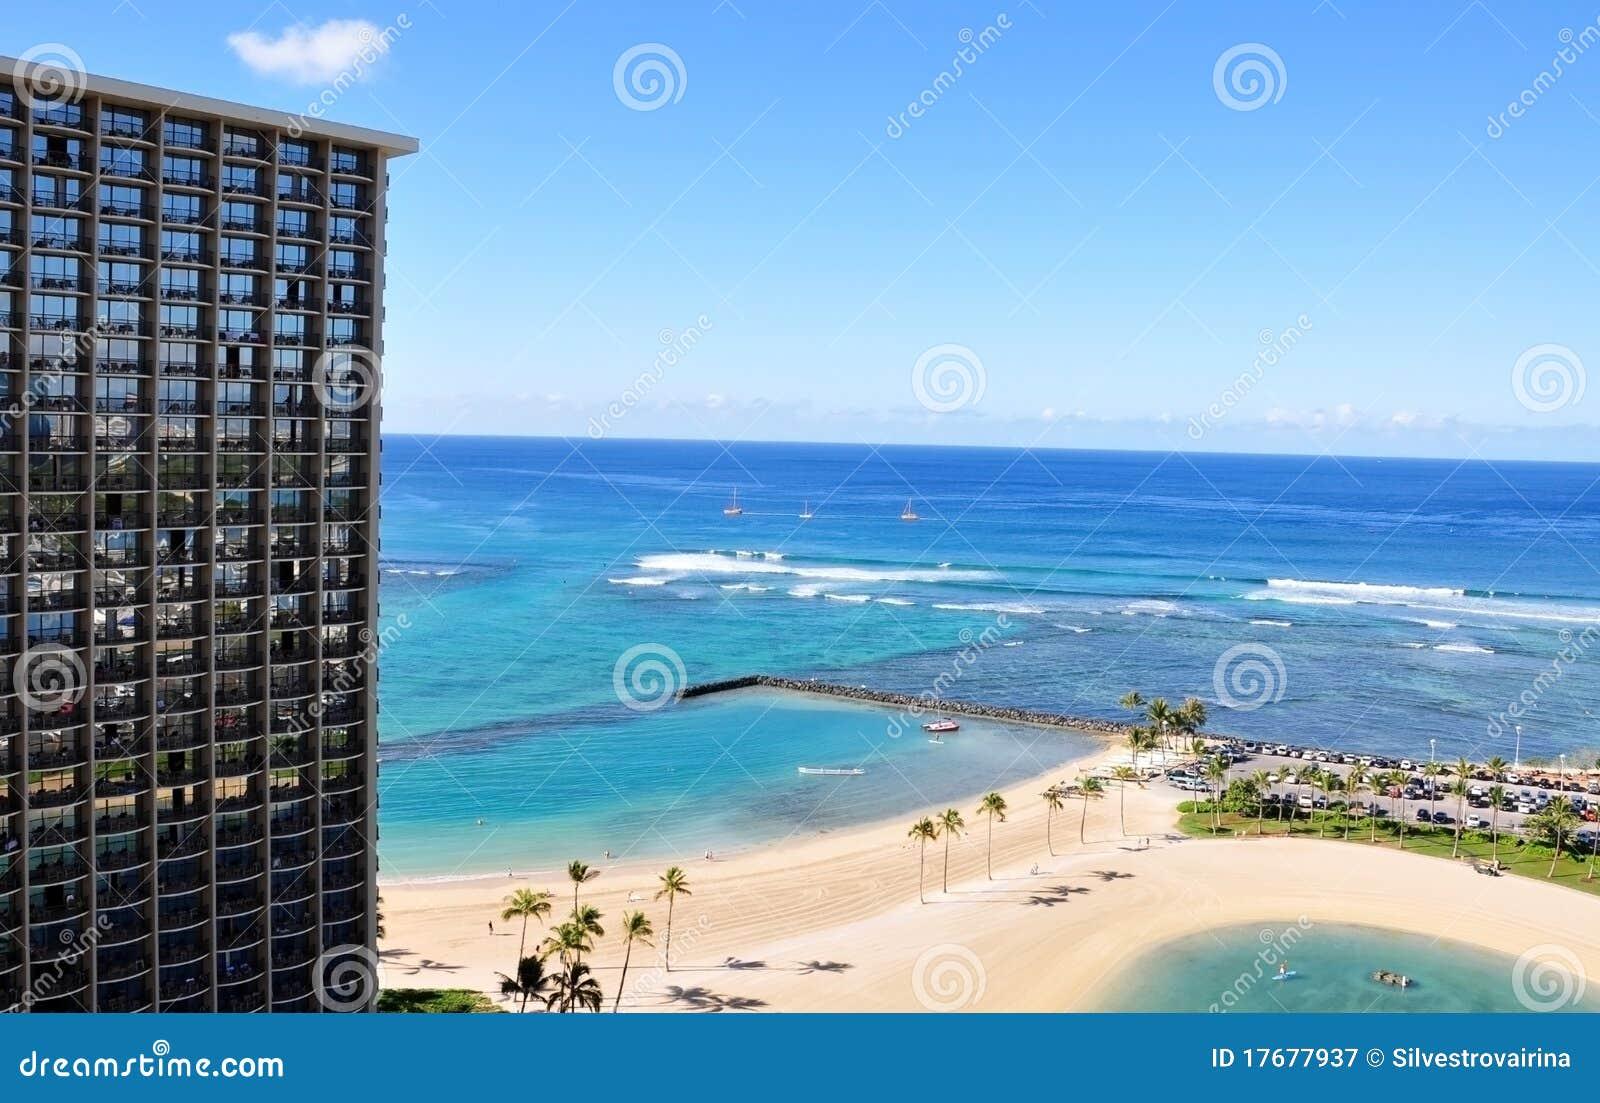 Palmy plażowy waikiki